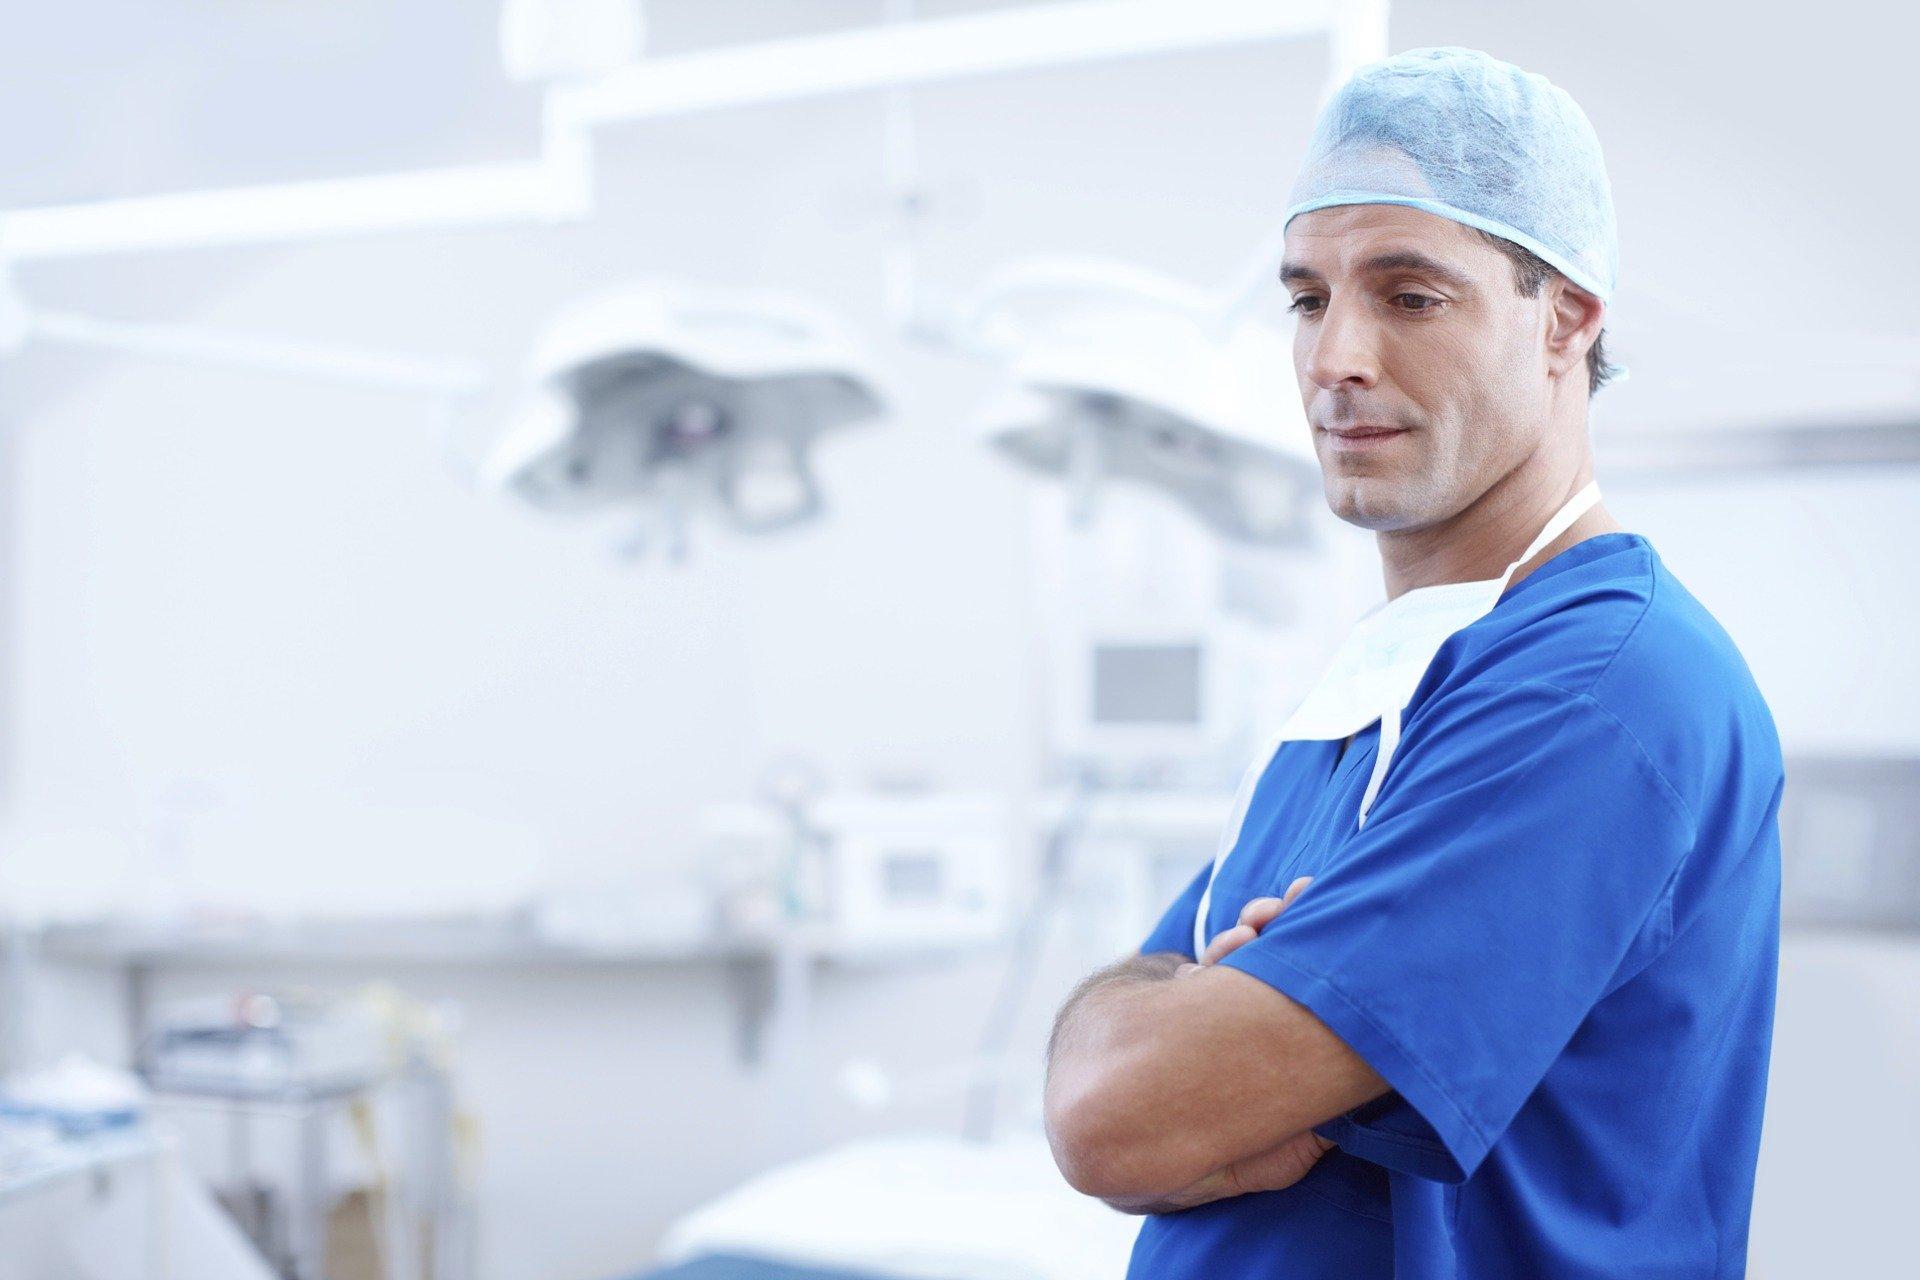 , Θεραπεία βουβωνοκήλης με την μέθοδο TEP, Δρ. Δαρδαμάνης Δημήτριος